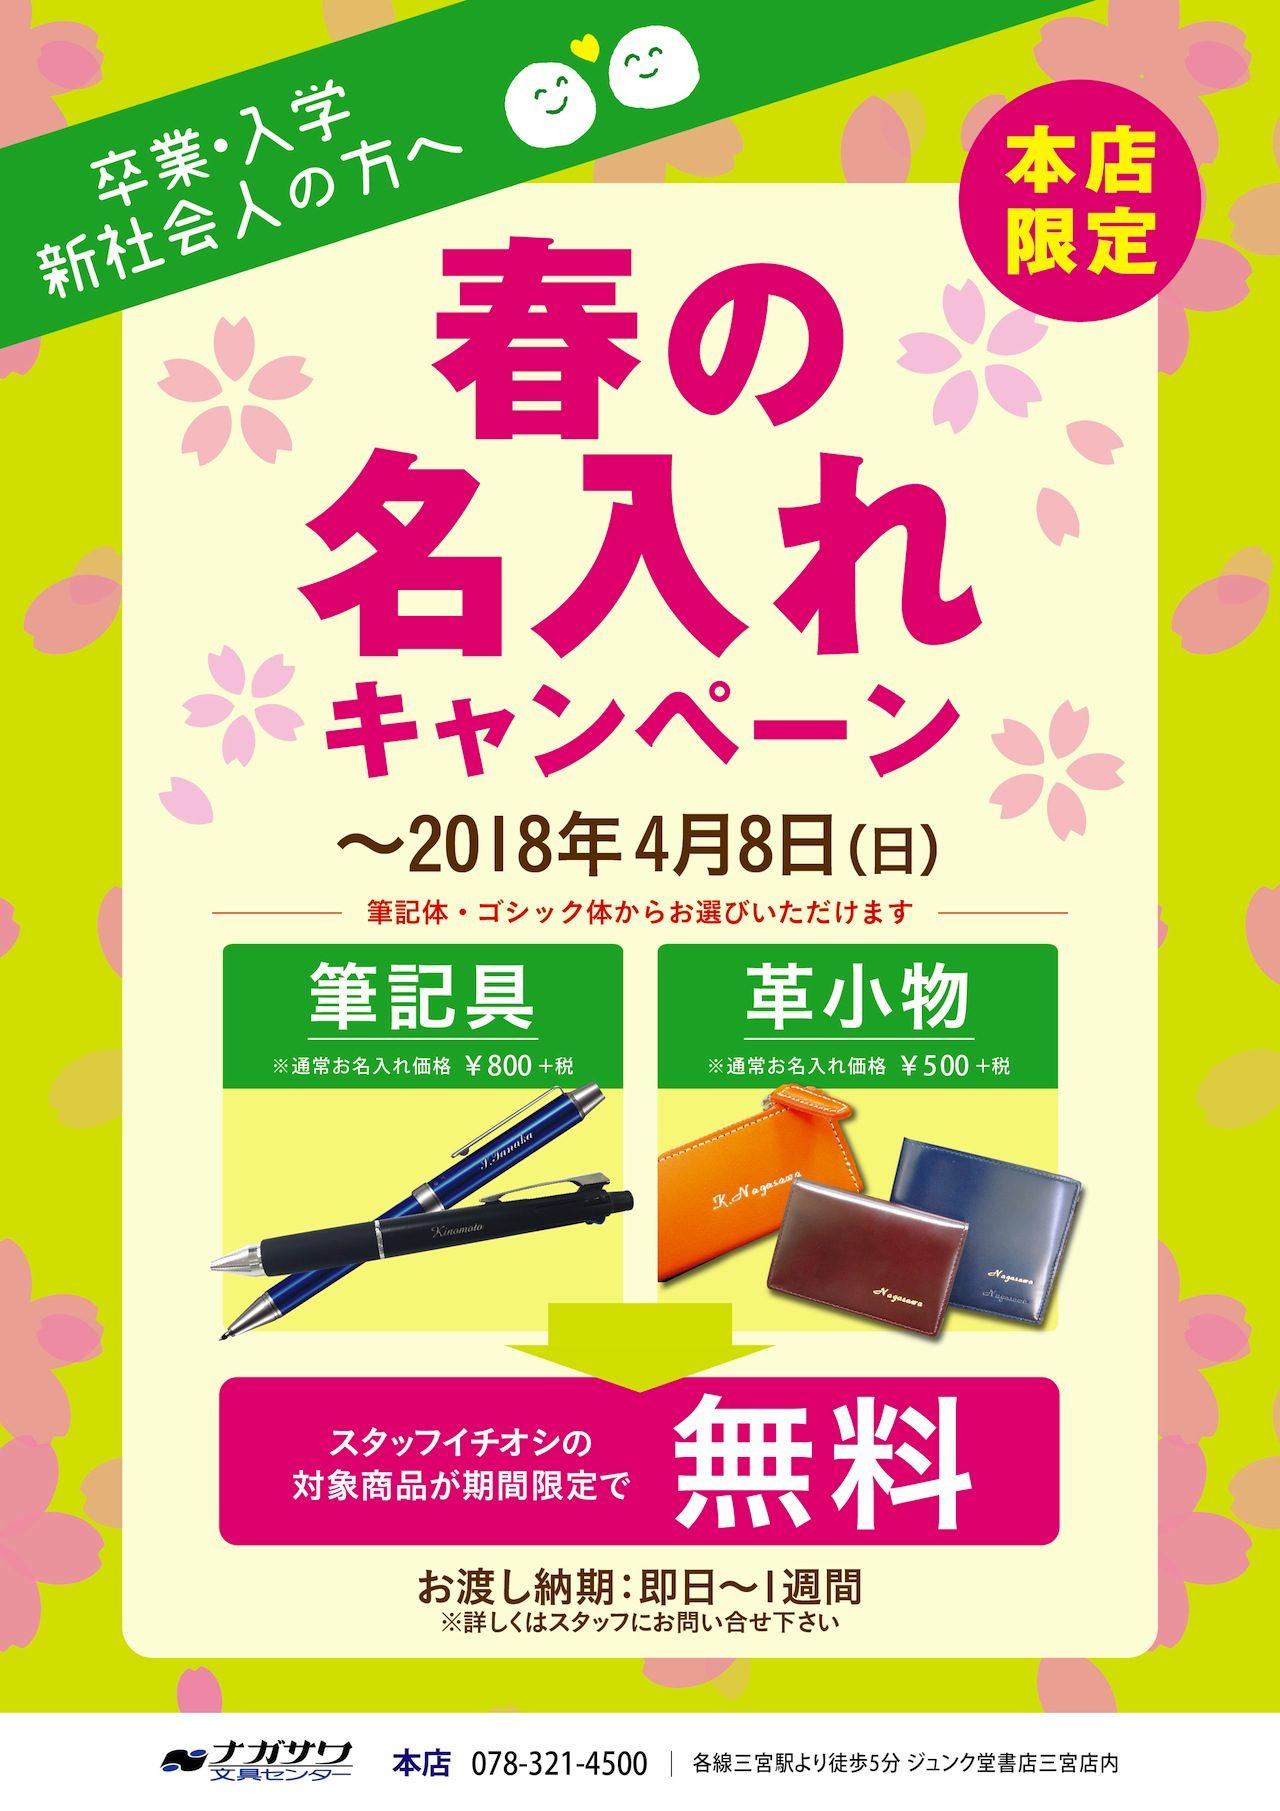 【本店限定】春の名入れキャンペーン